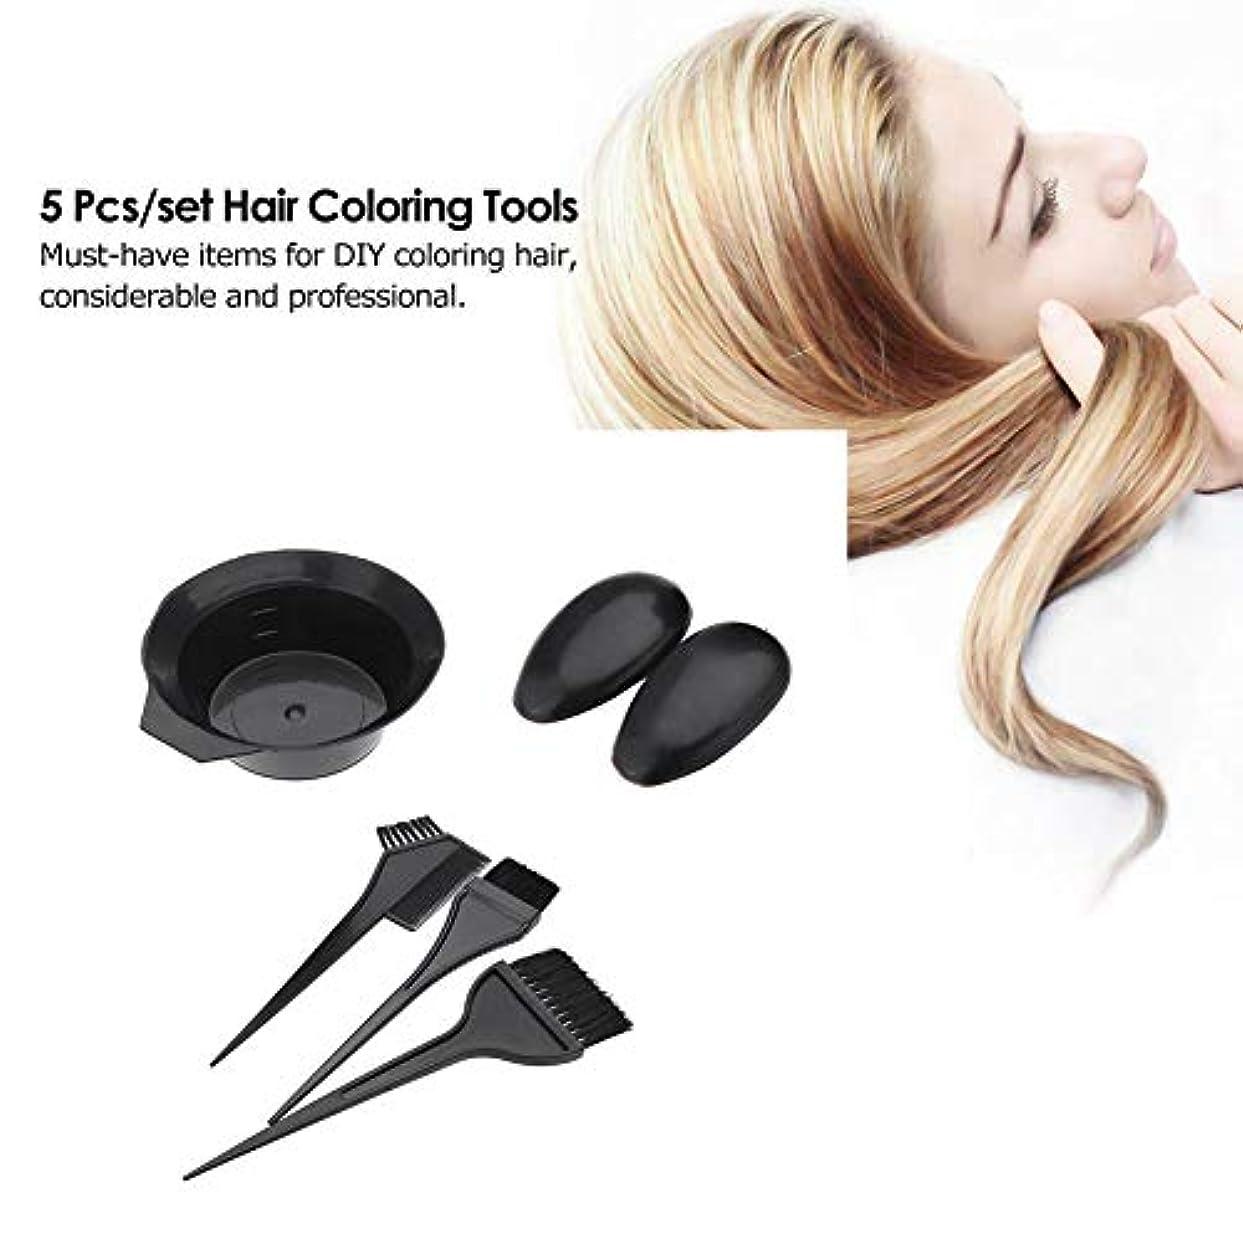 振り向くたくさんエキサイティングヘア染色セットキット5ピース - diyプロフェッショナルヘアダイカラーミキシングボウルブラシ&くし - 黒理髪美容ツールアプリケーター色合い